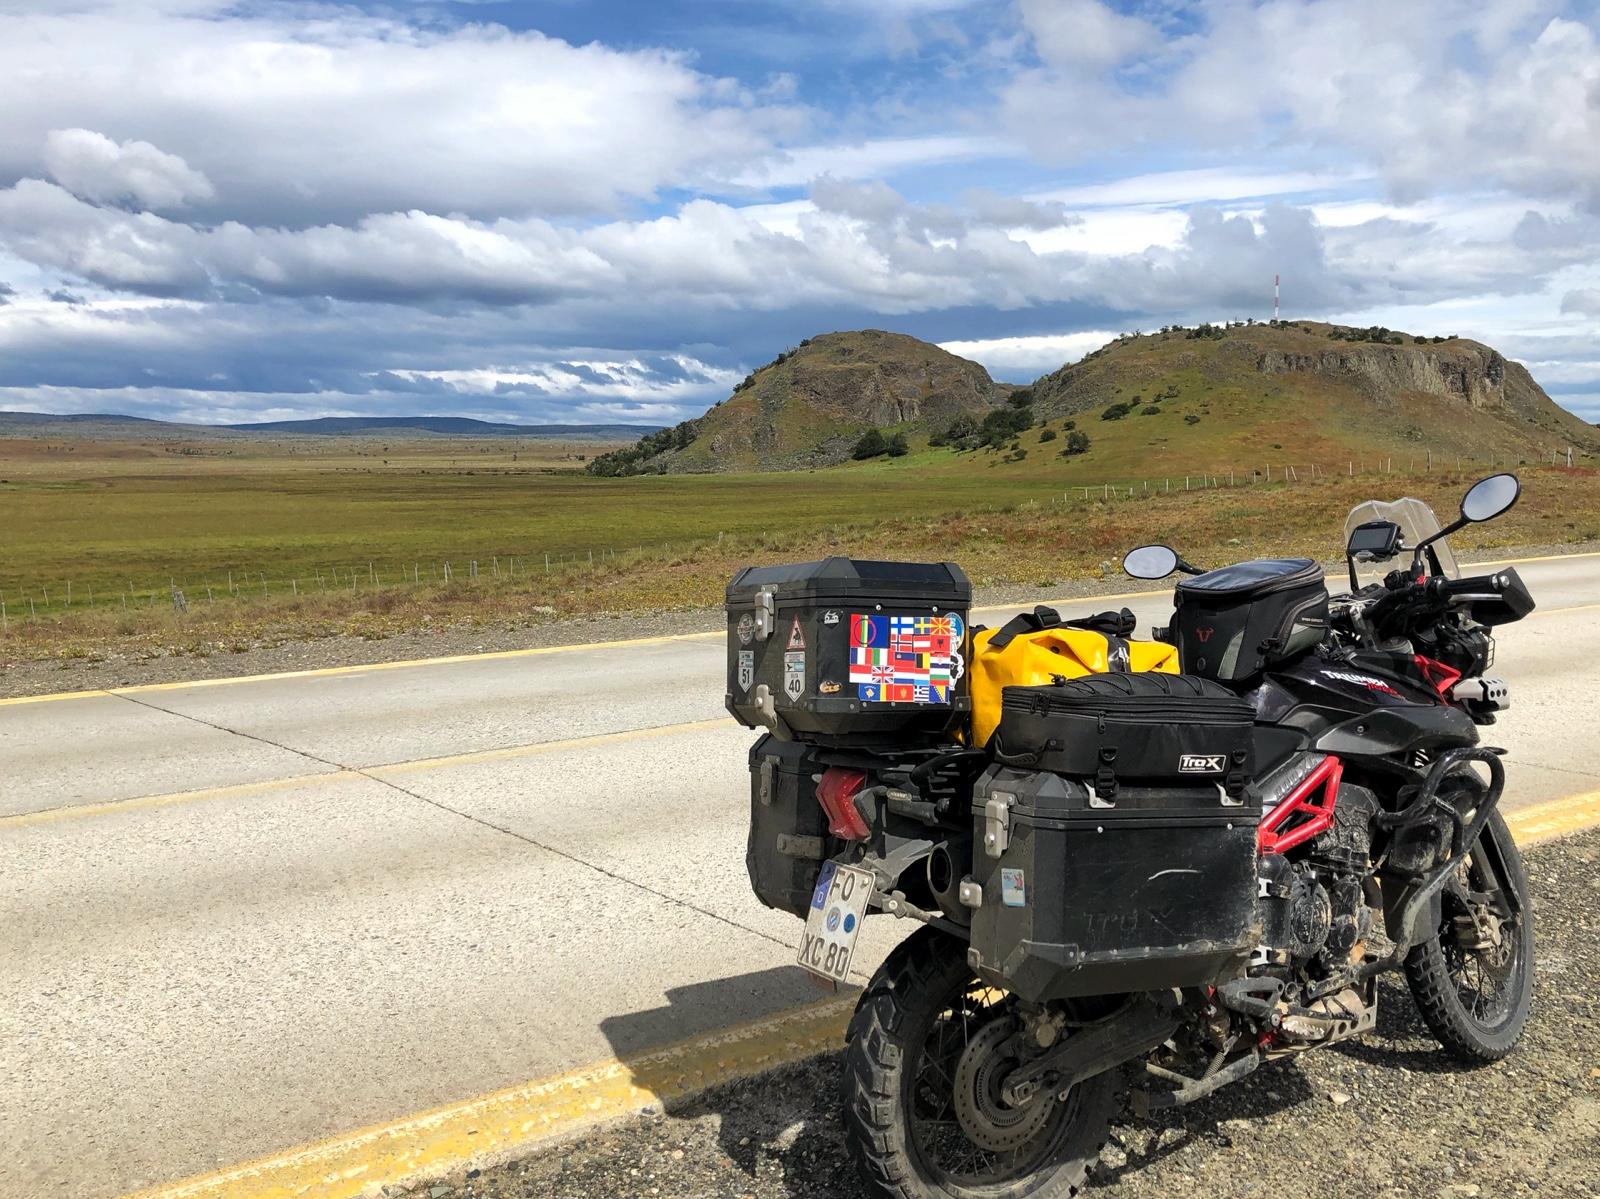 Auf dem Weg nach Puerto Natales